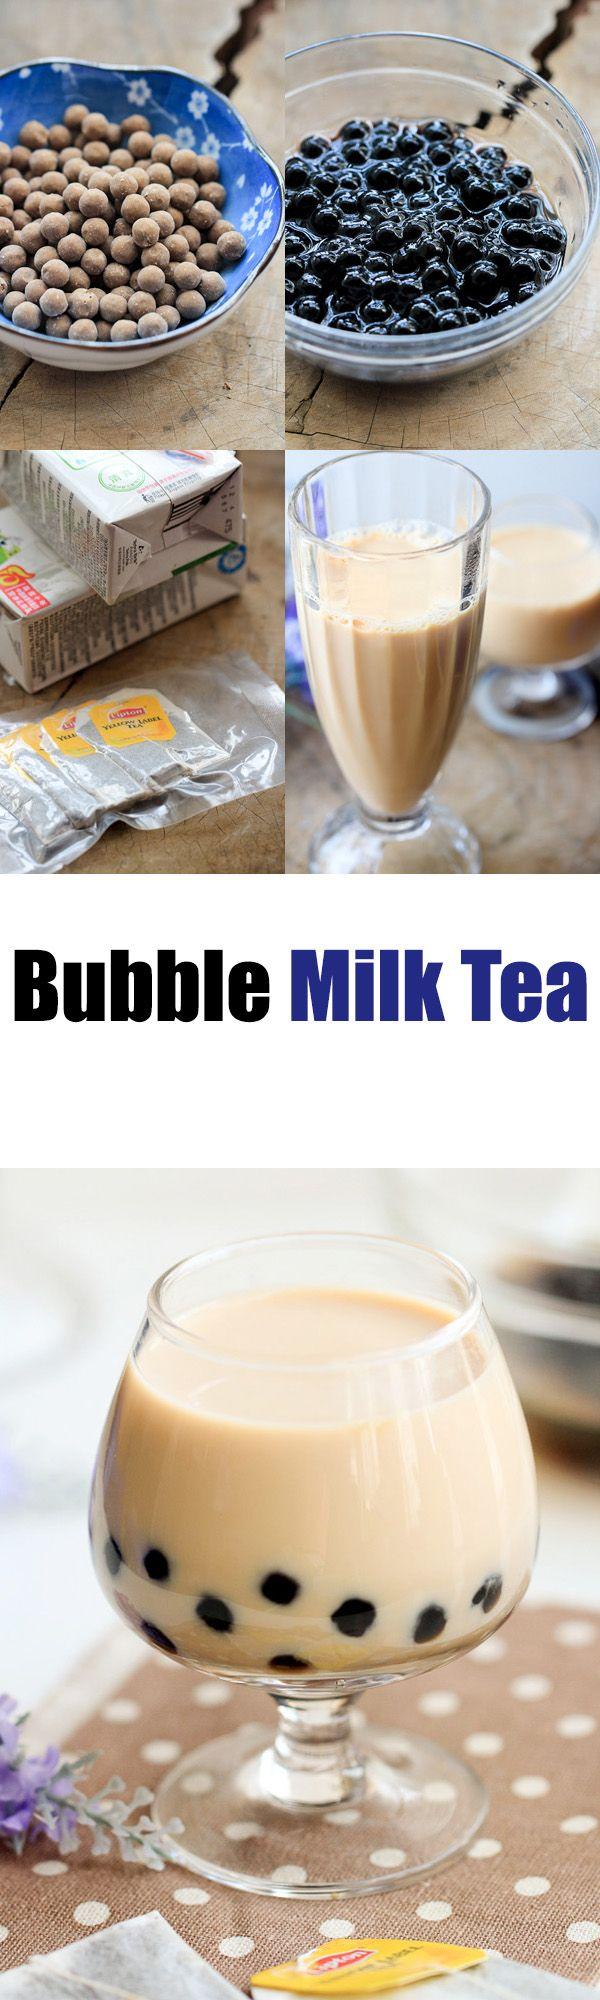 Bubble milk #tea #Chinese